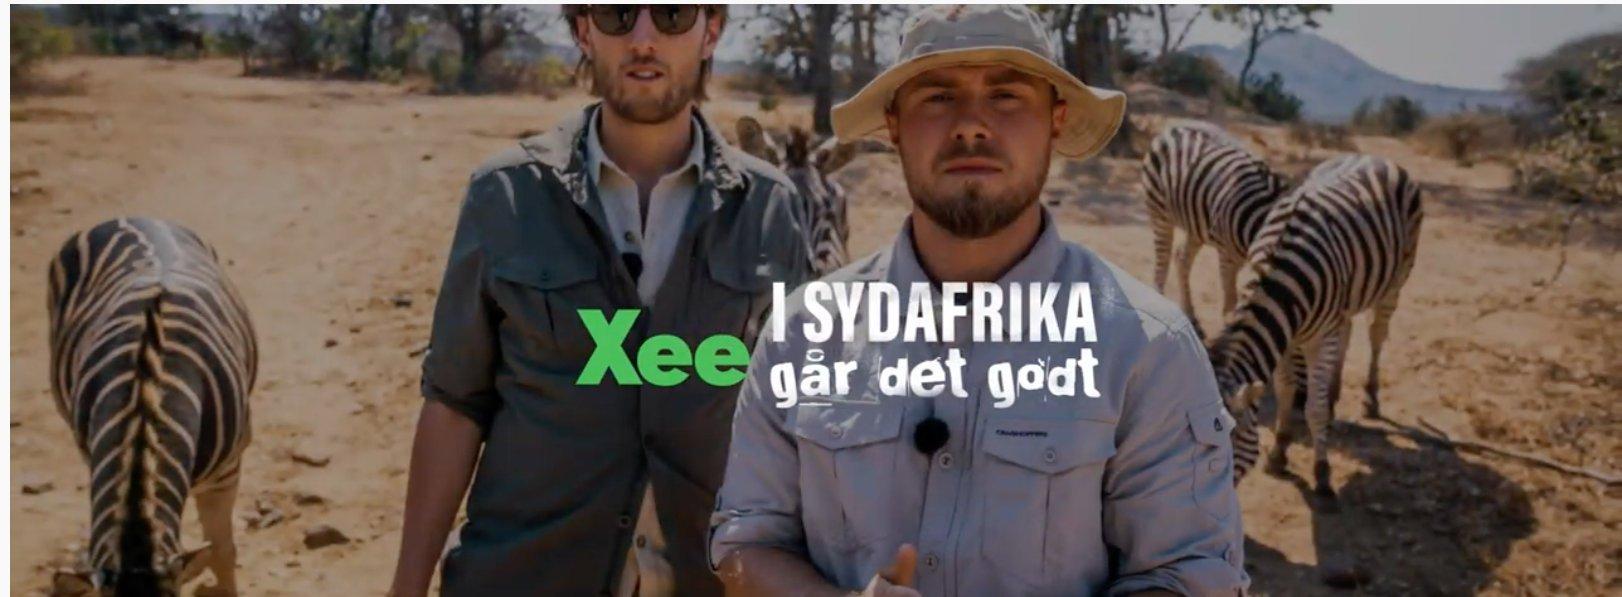 Xee i sydafrika går det godt